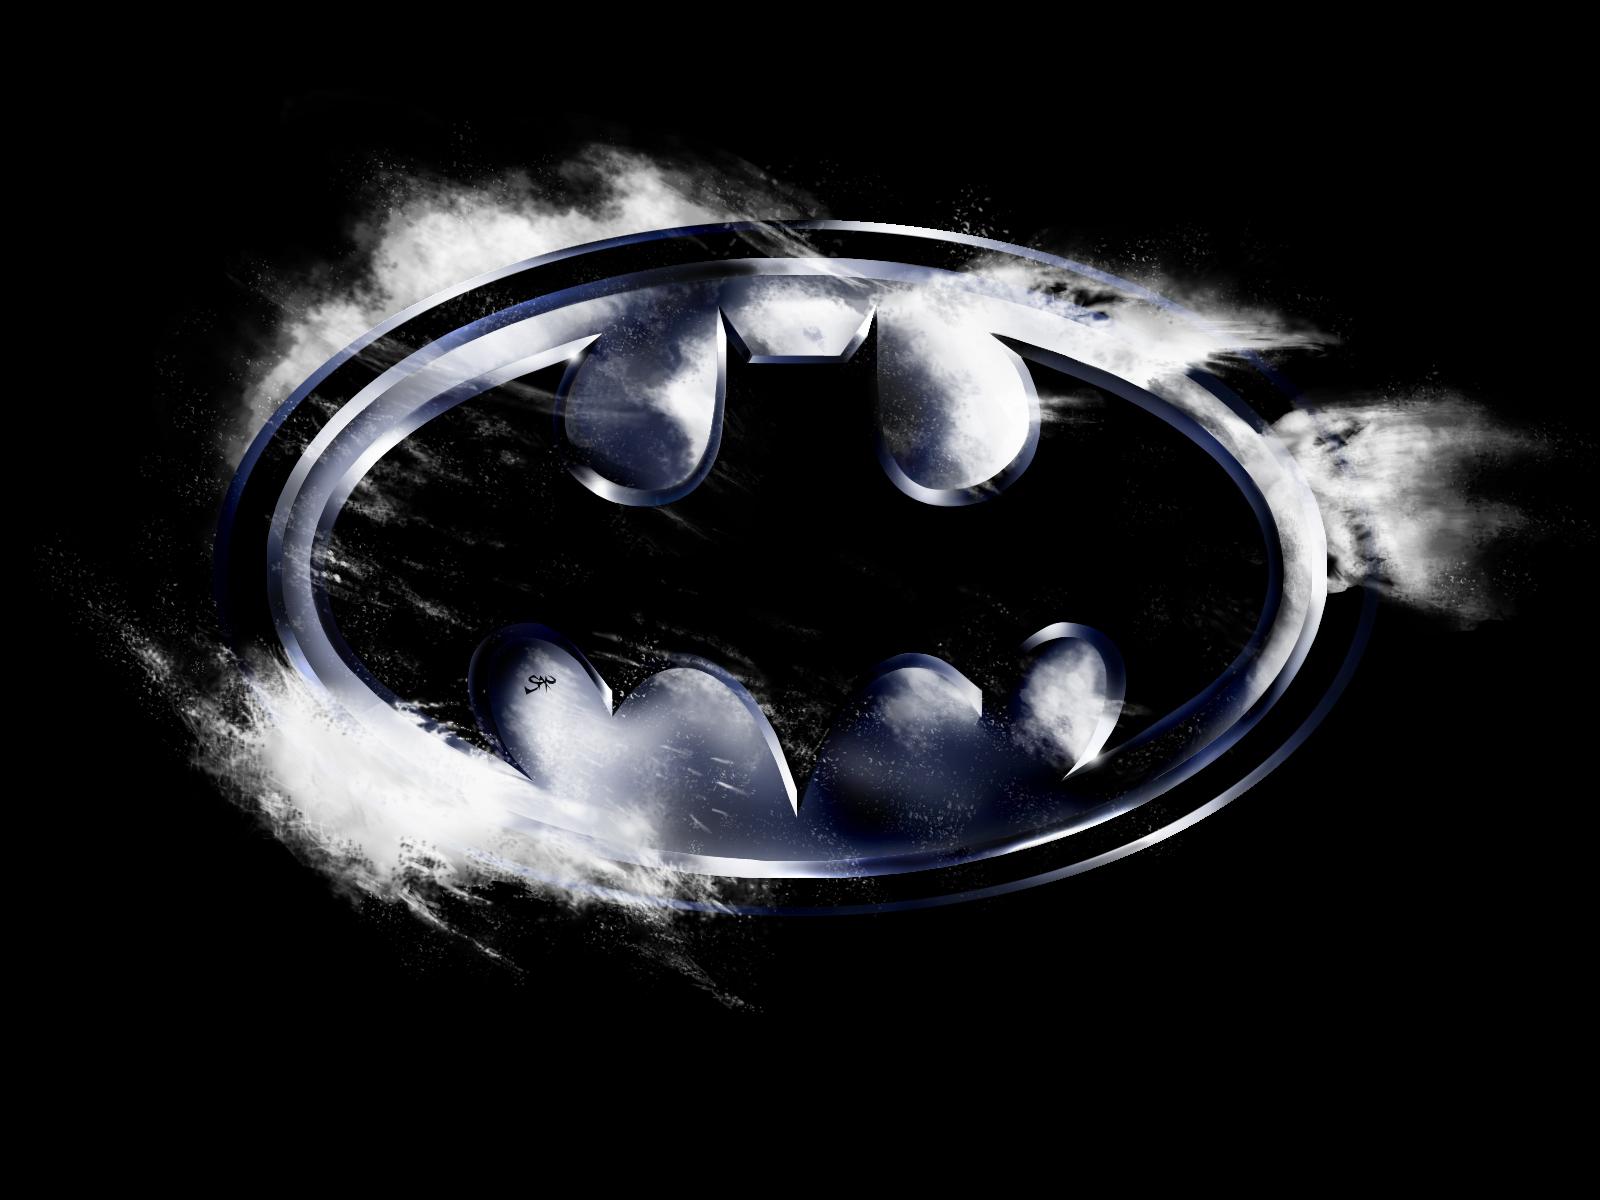 Batman Returns images Batman Returns Logo Wallpaper HD 1600x1200